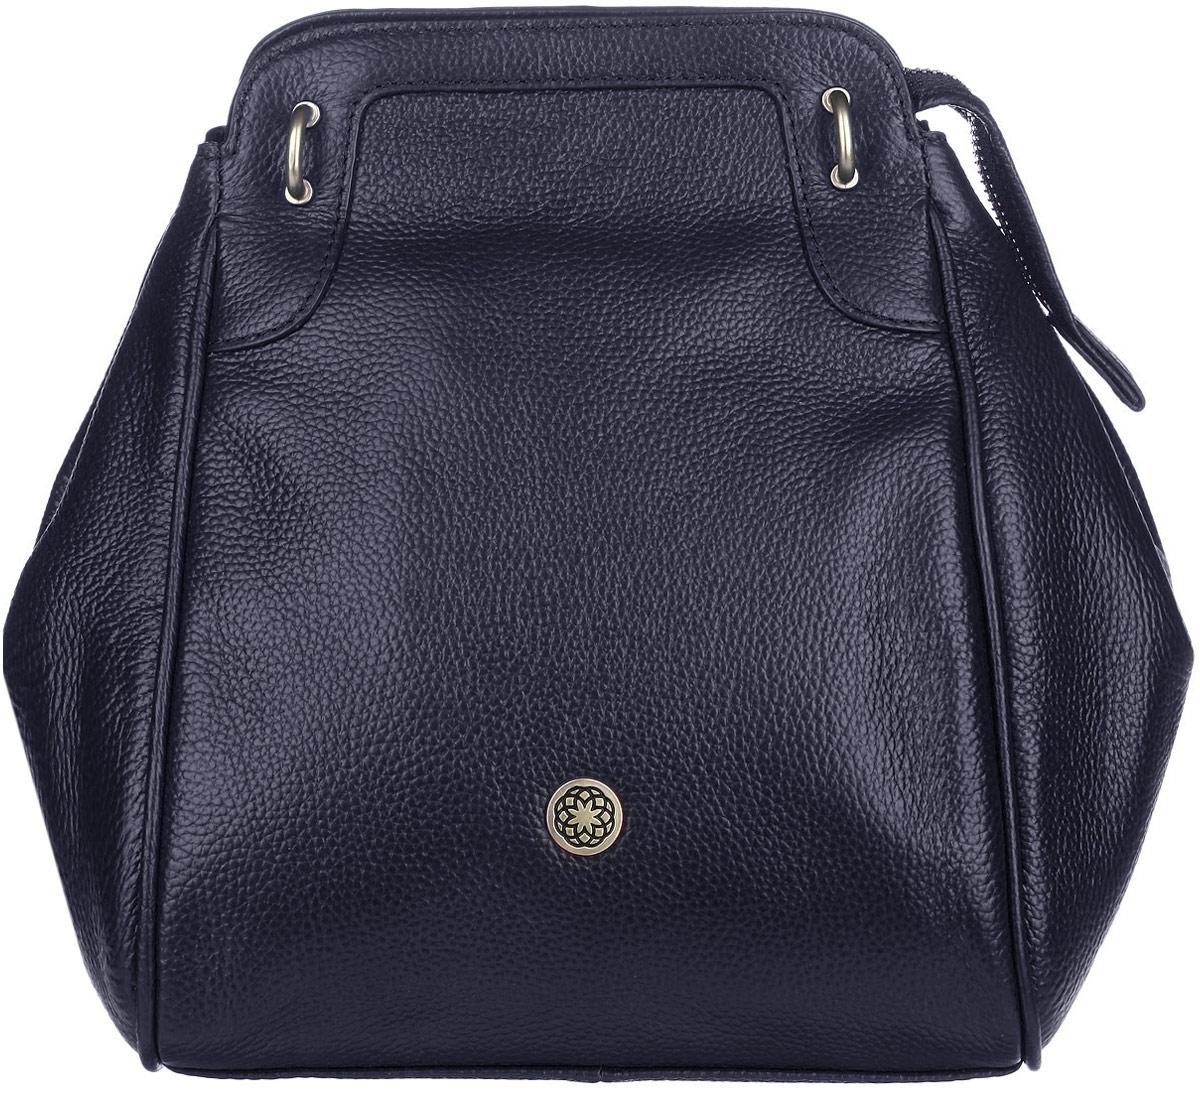 Сумка женская Fiorita, цвет: темно-синий. 0665F0665F d.blueСтильная женская сумка Fiorita выполнена из натуральной кожи с фактурным тиснением. Изделие имеет одно основное отделение, которое закрывается на застежку-молнию. Дополнительно по бокам сумка застегивается на кнопки. Внутри находятся два прорезных кармашка на застежках-молниях и два накладных открытых кармашка. Снаружи, на задней стенке расположен прорезной открытый карман на застежке-молнии. Изделие оснащено двумя съемными плечевыми ремнями, которые позволяют носить сумку на плече и трансформируют ее в рюкзак. Изделие упаковано в фирменный чехол. Такая сумка дополнит ваш образ и сделает его завершенным.